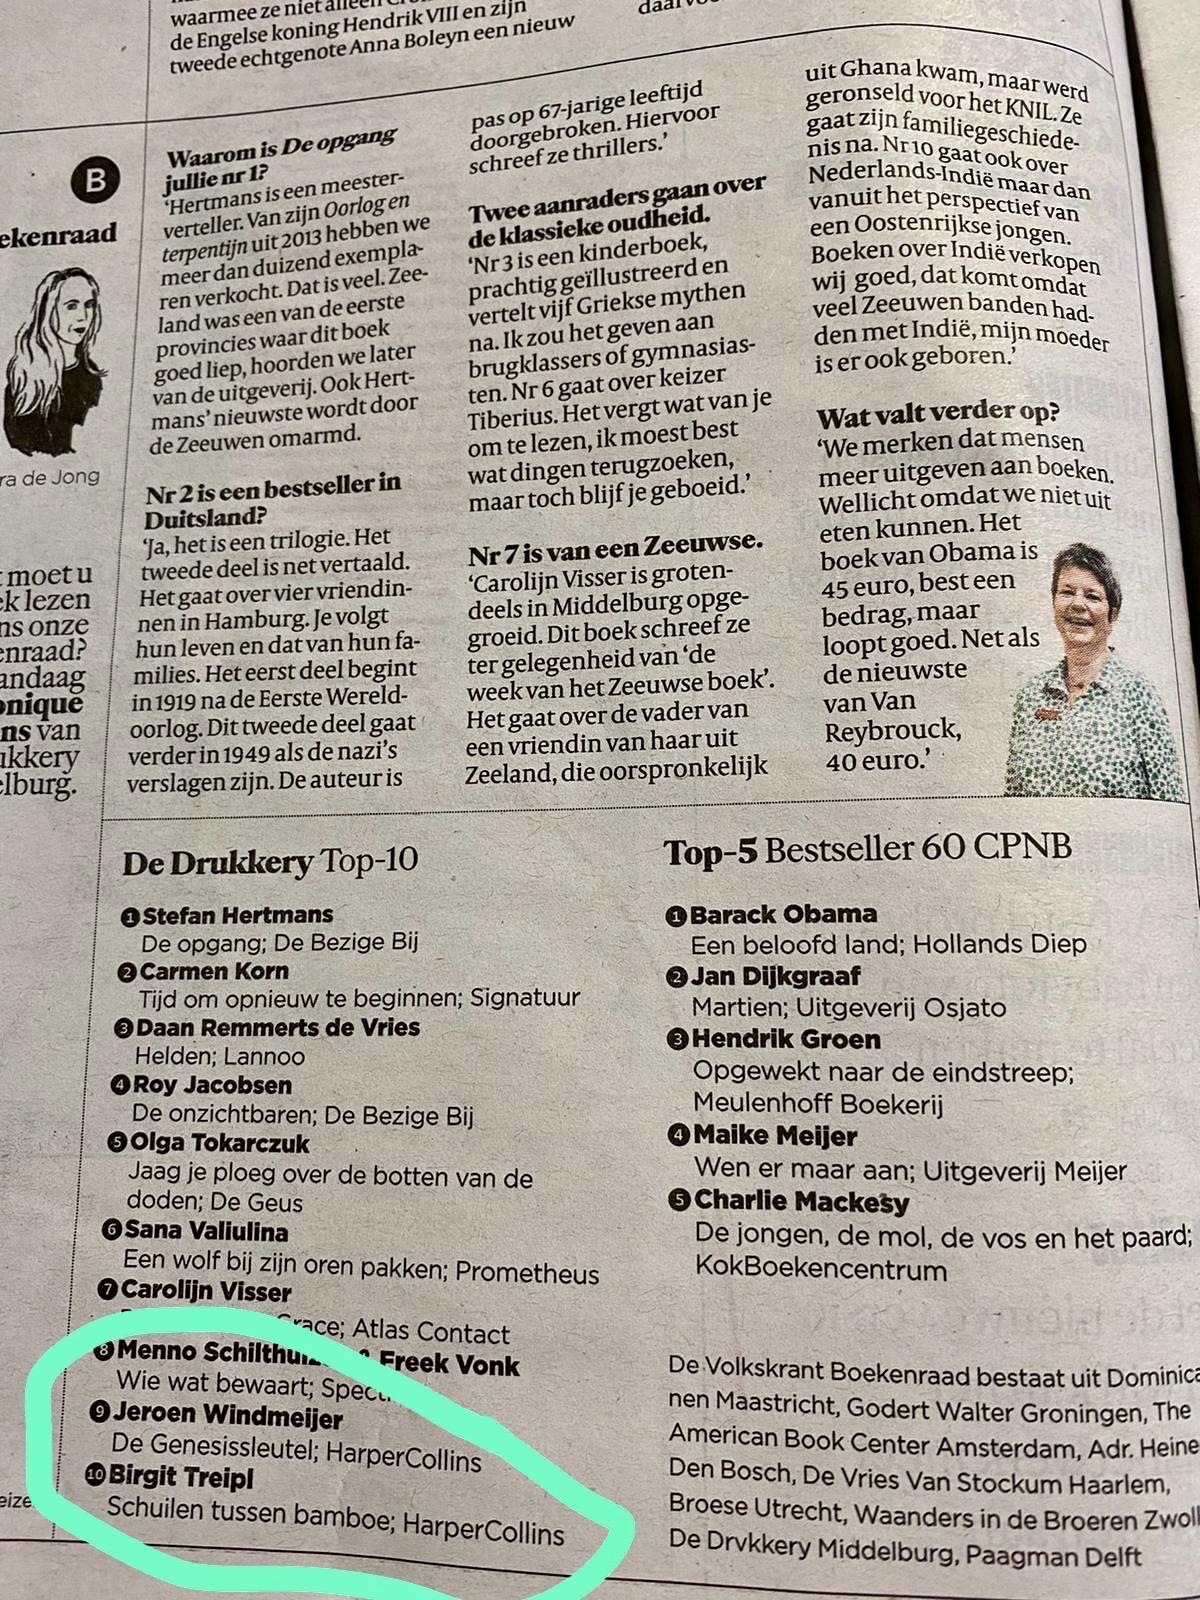 Schuilen tussen bamboe in De Volkskrant Top 10 best sellers